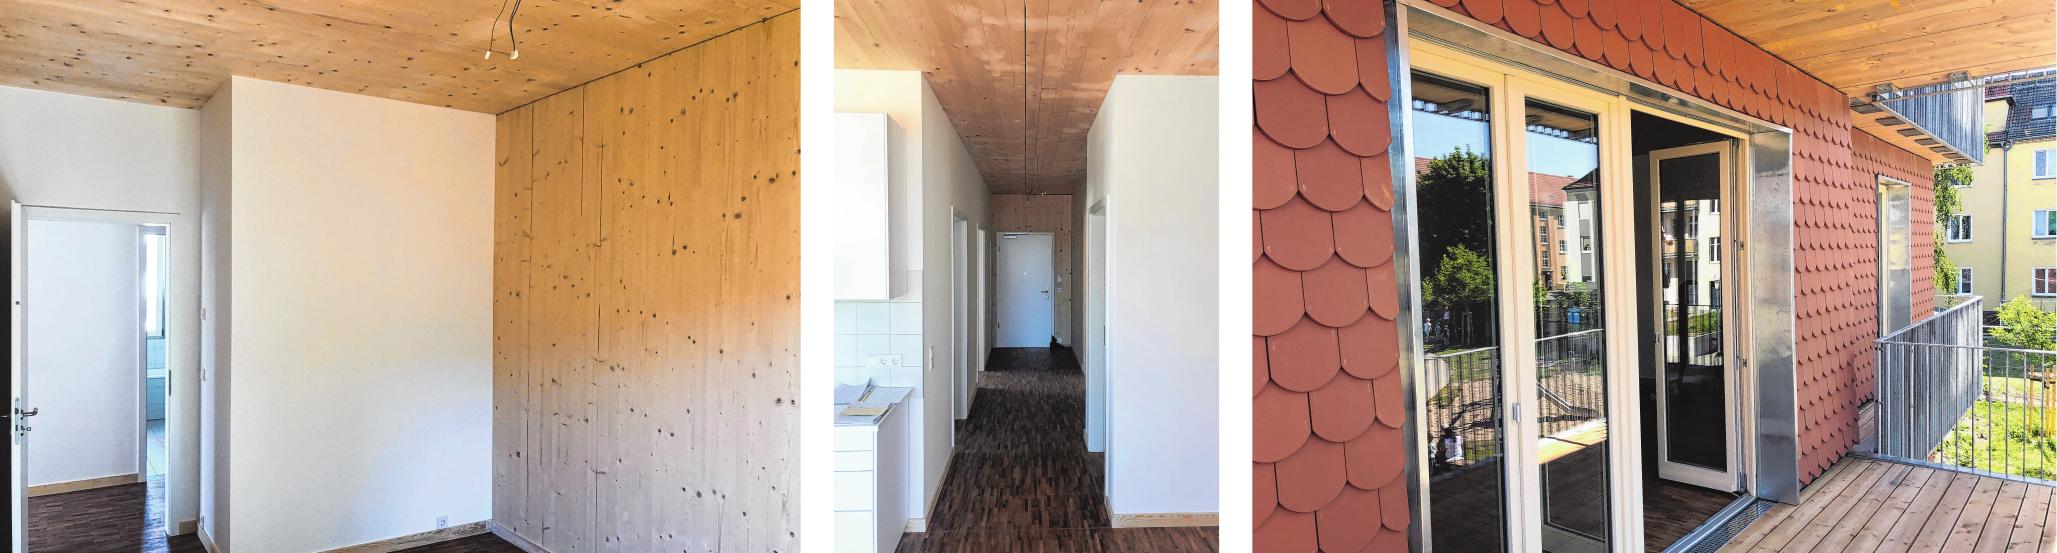 Die Innenräume präsentieren sich hell und geräumig und sie bestehen aus wiederverwertbarem Material. Blick in eine der Wohnungen mit Holzdecke. Die Außenwände der Häuser sind mit optisch attraktiven Biberschwanz-Ziegeln verkleidet.